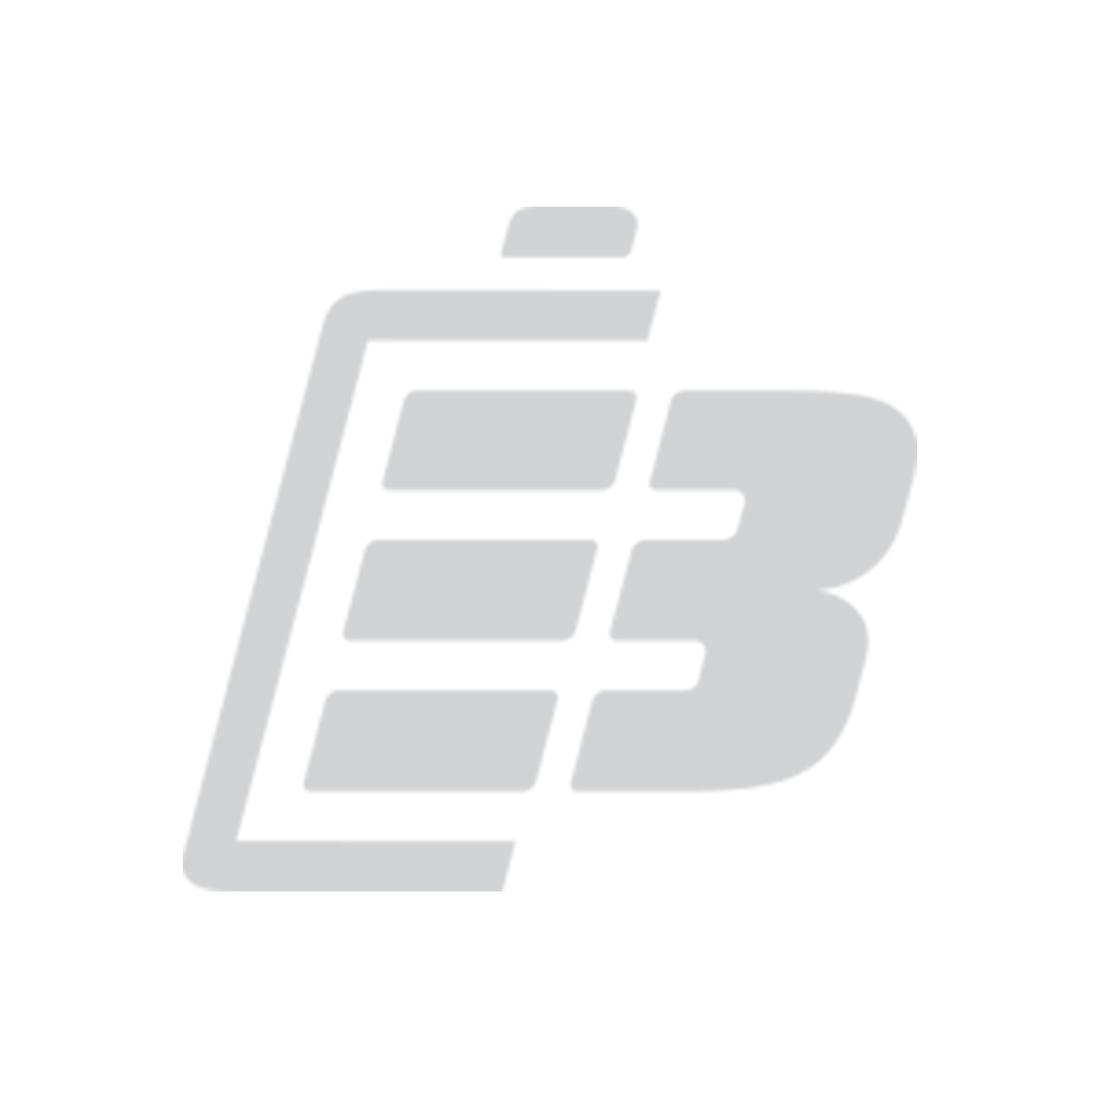 Φορτιστής μπαταρίας βιντεοκάμερας Sanyo DB-L90_1